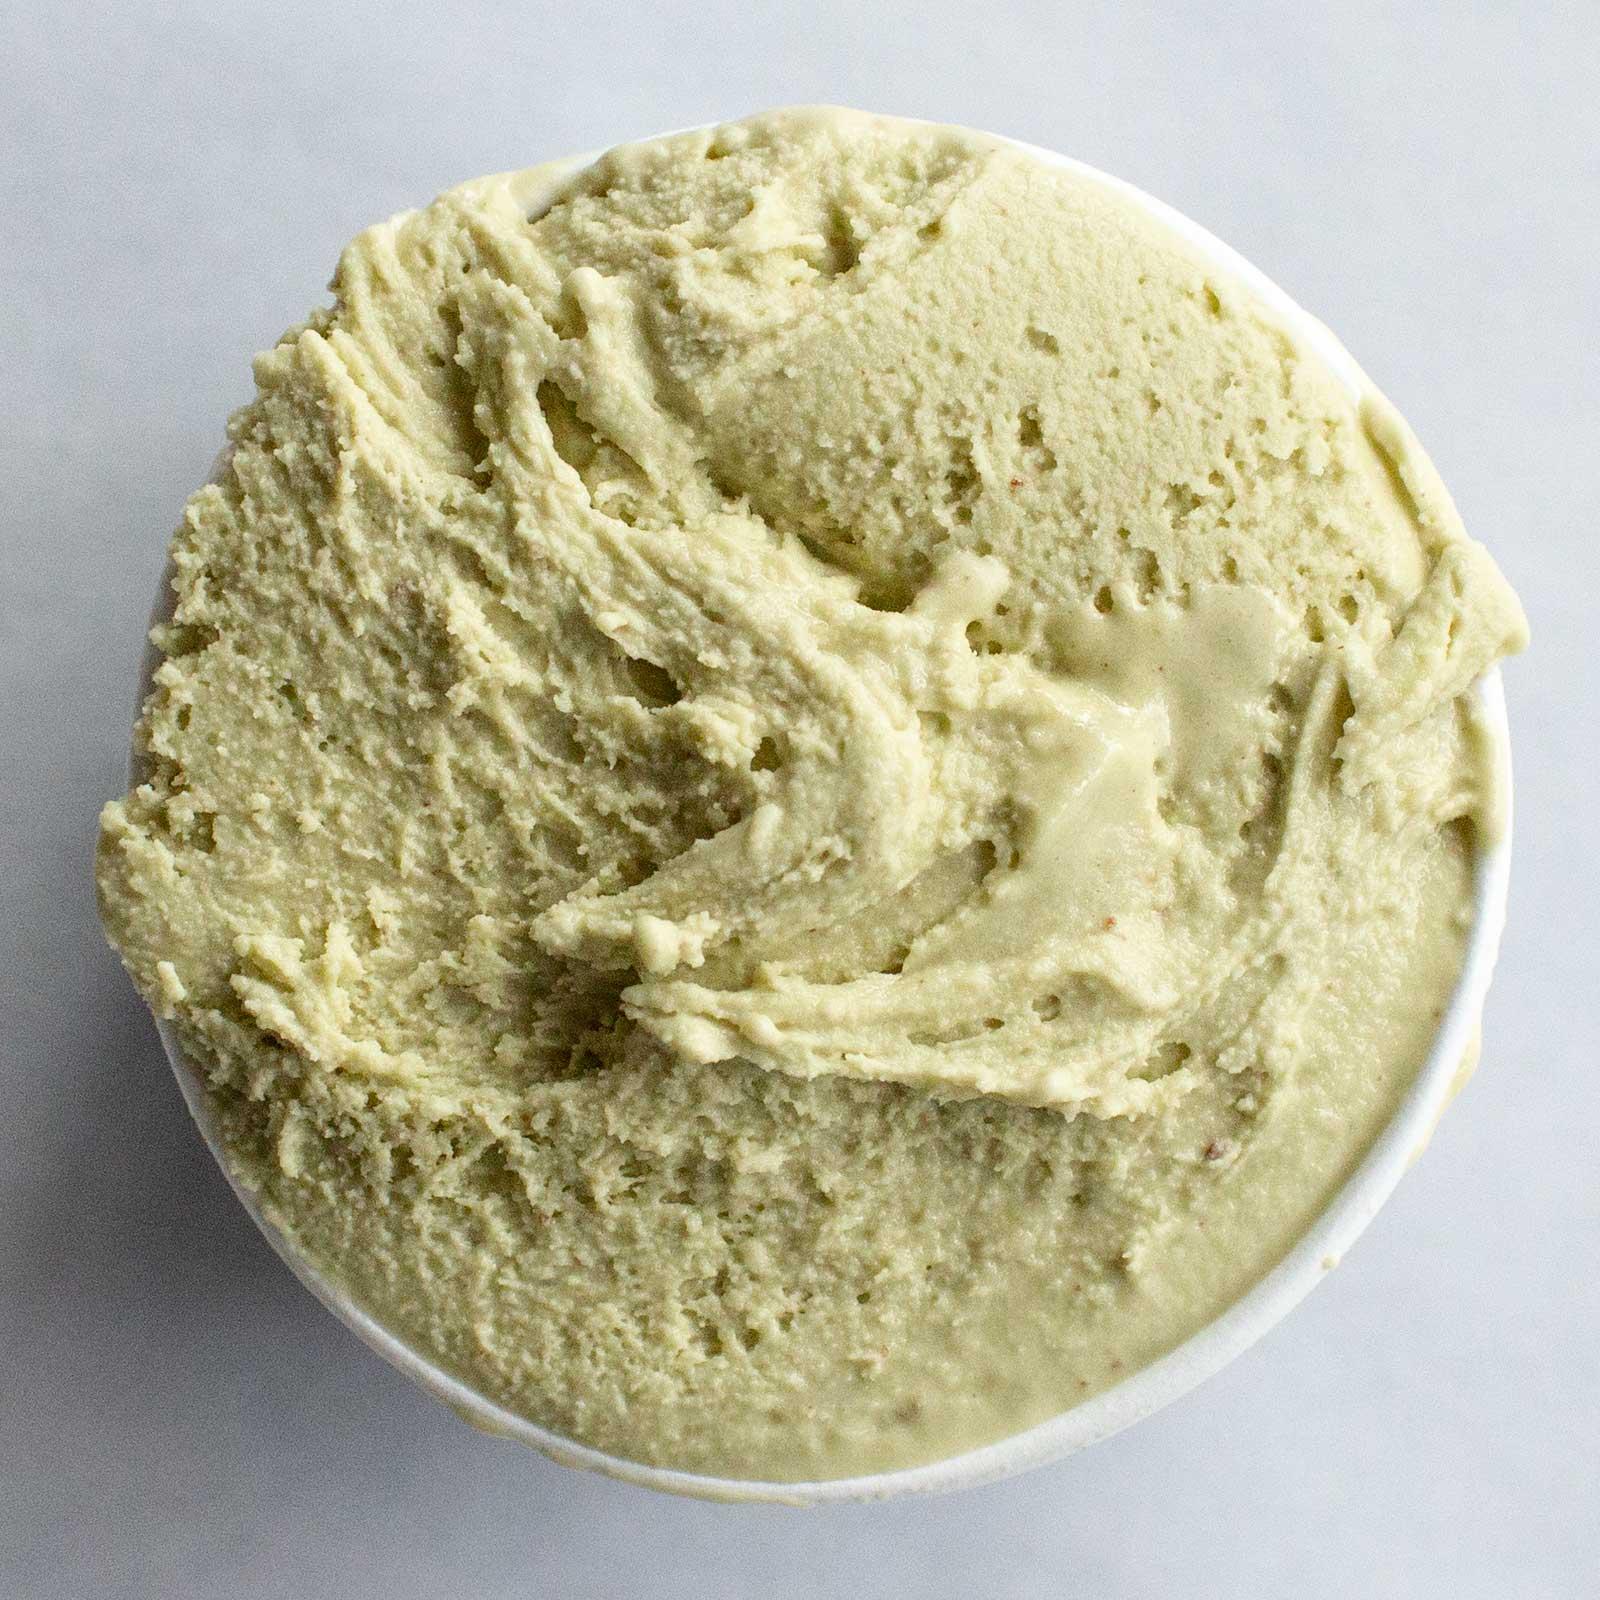 flavor-rough-scoop-top.jpg